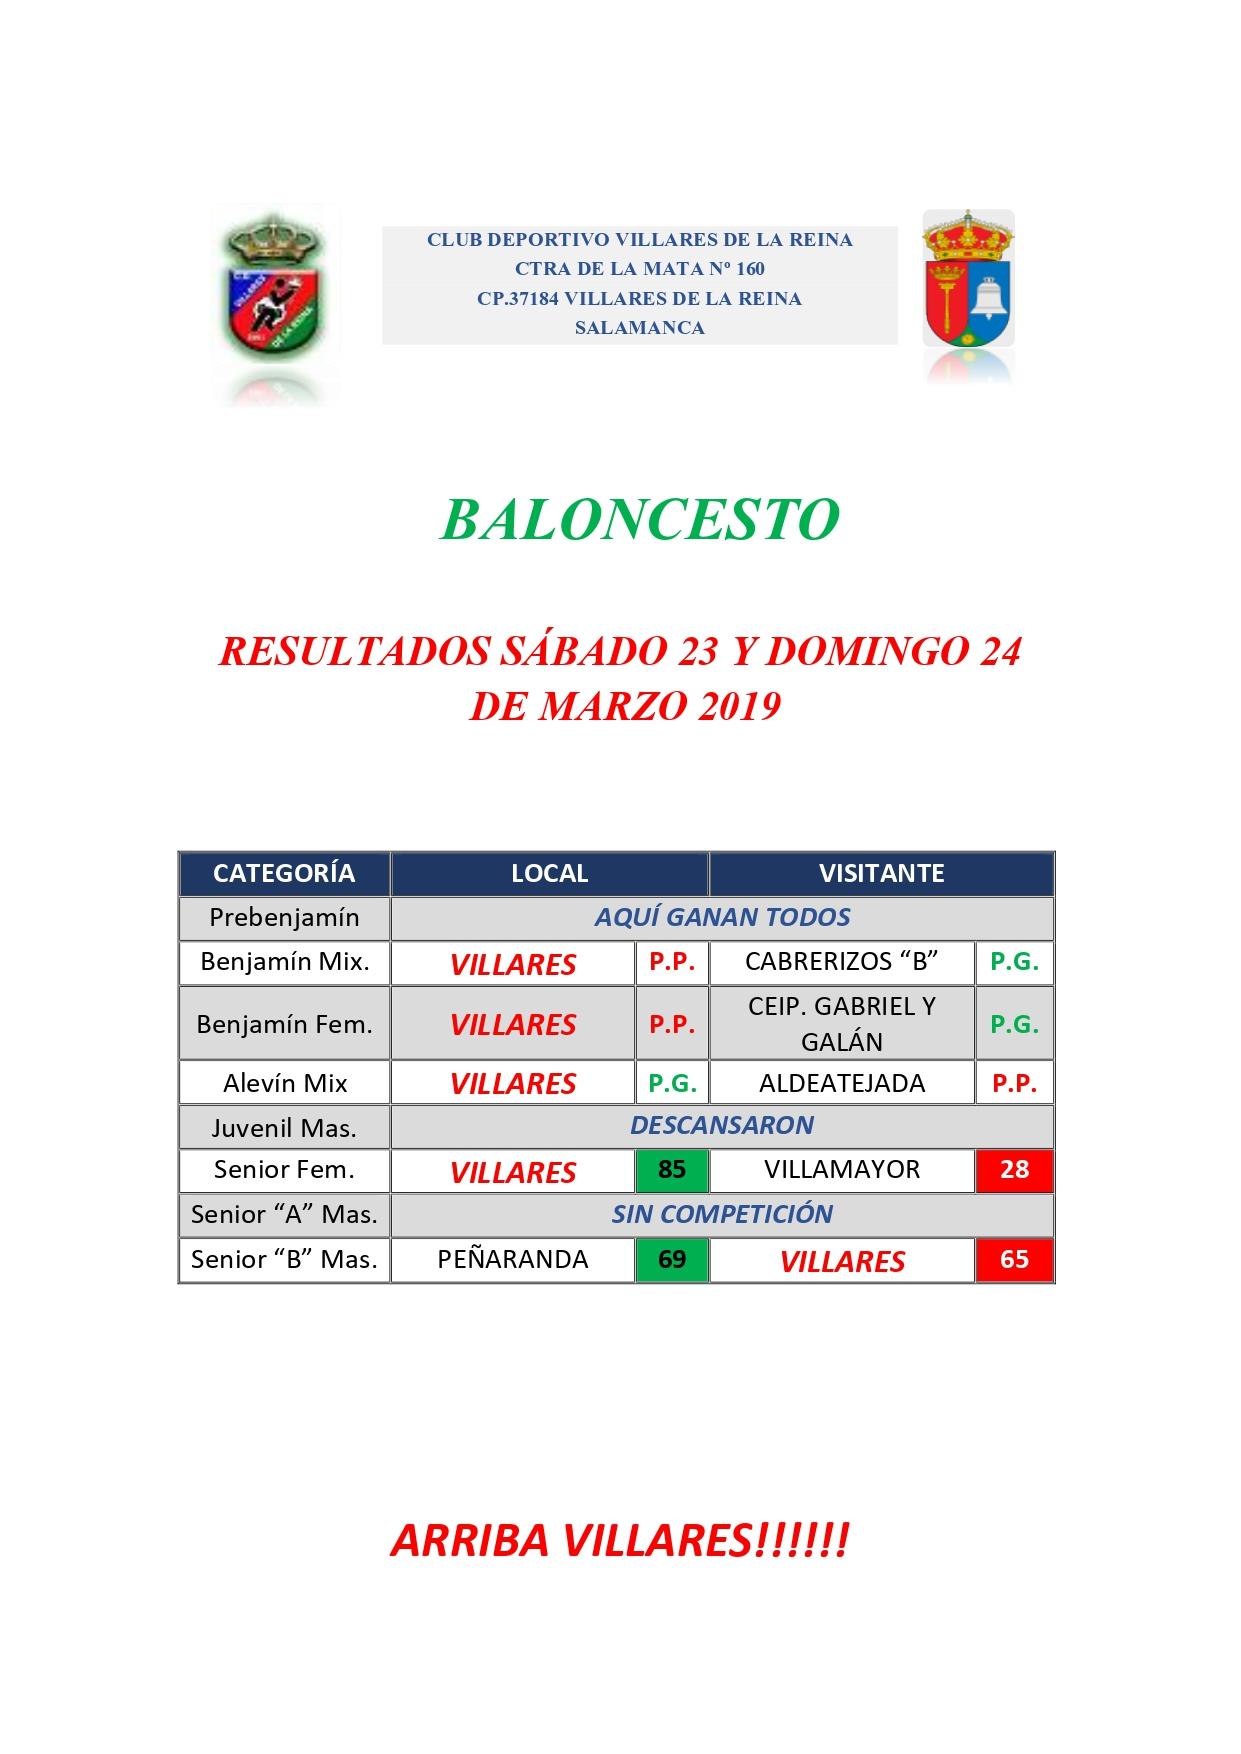 RESULTADOS BALONCESTO S�BADO 23 Y DOMINGO 24 DE MARZO